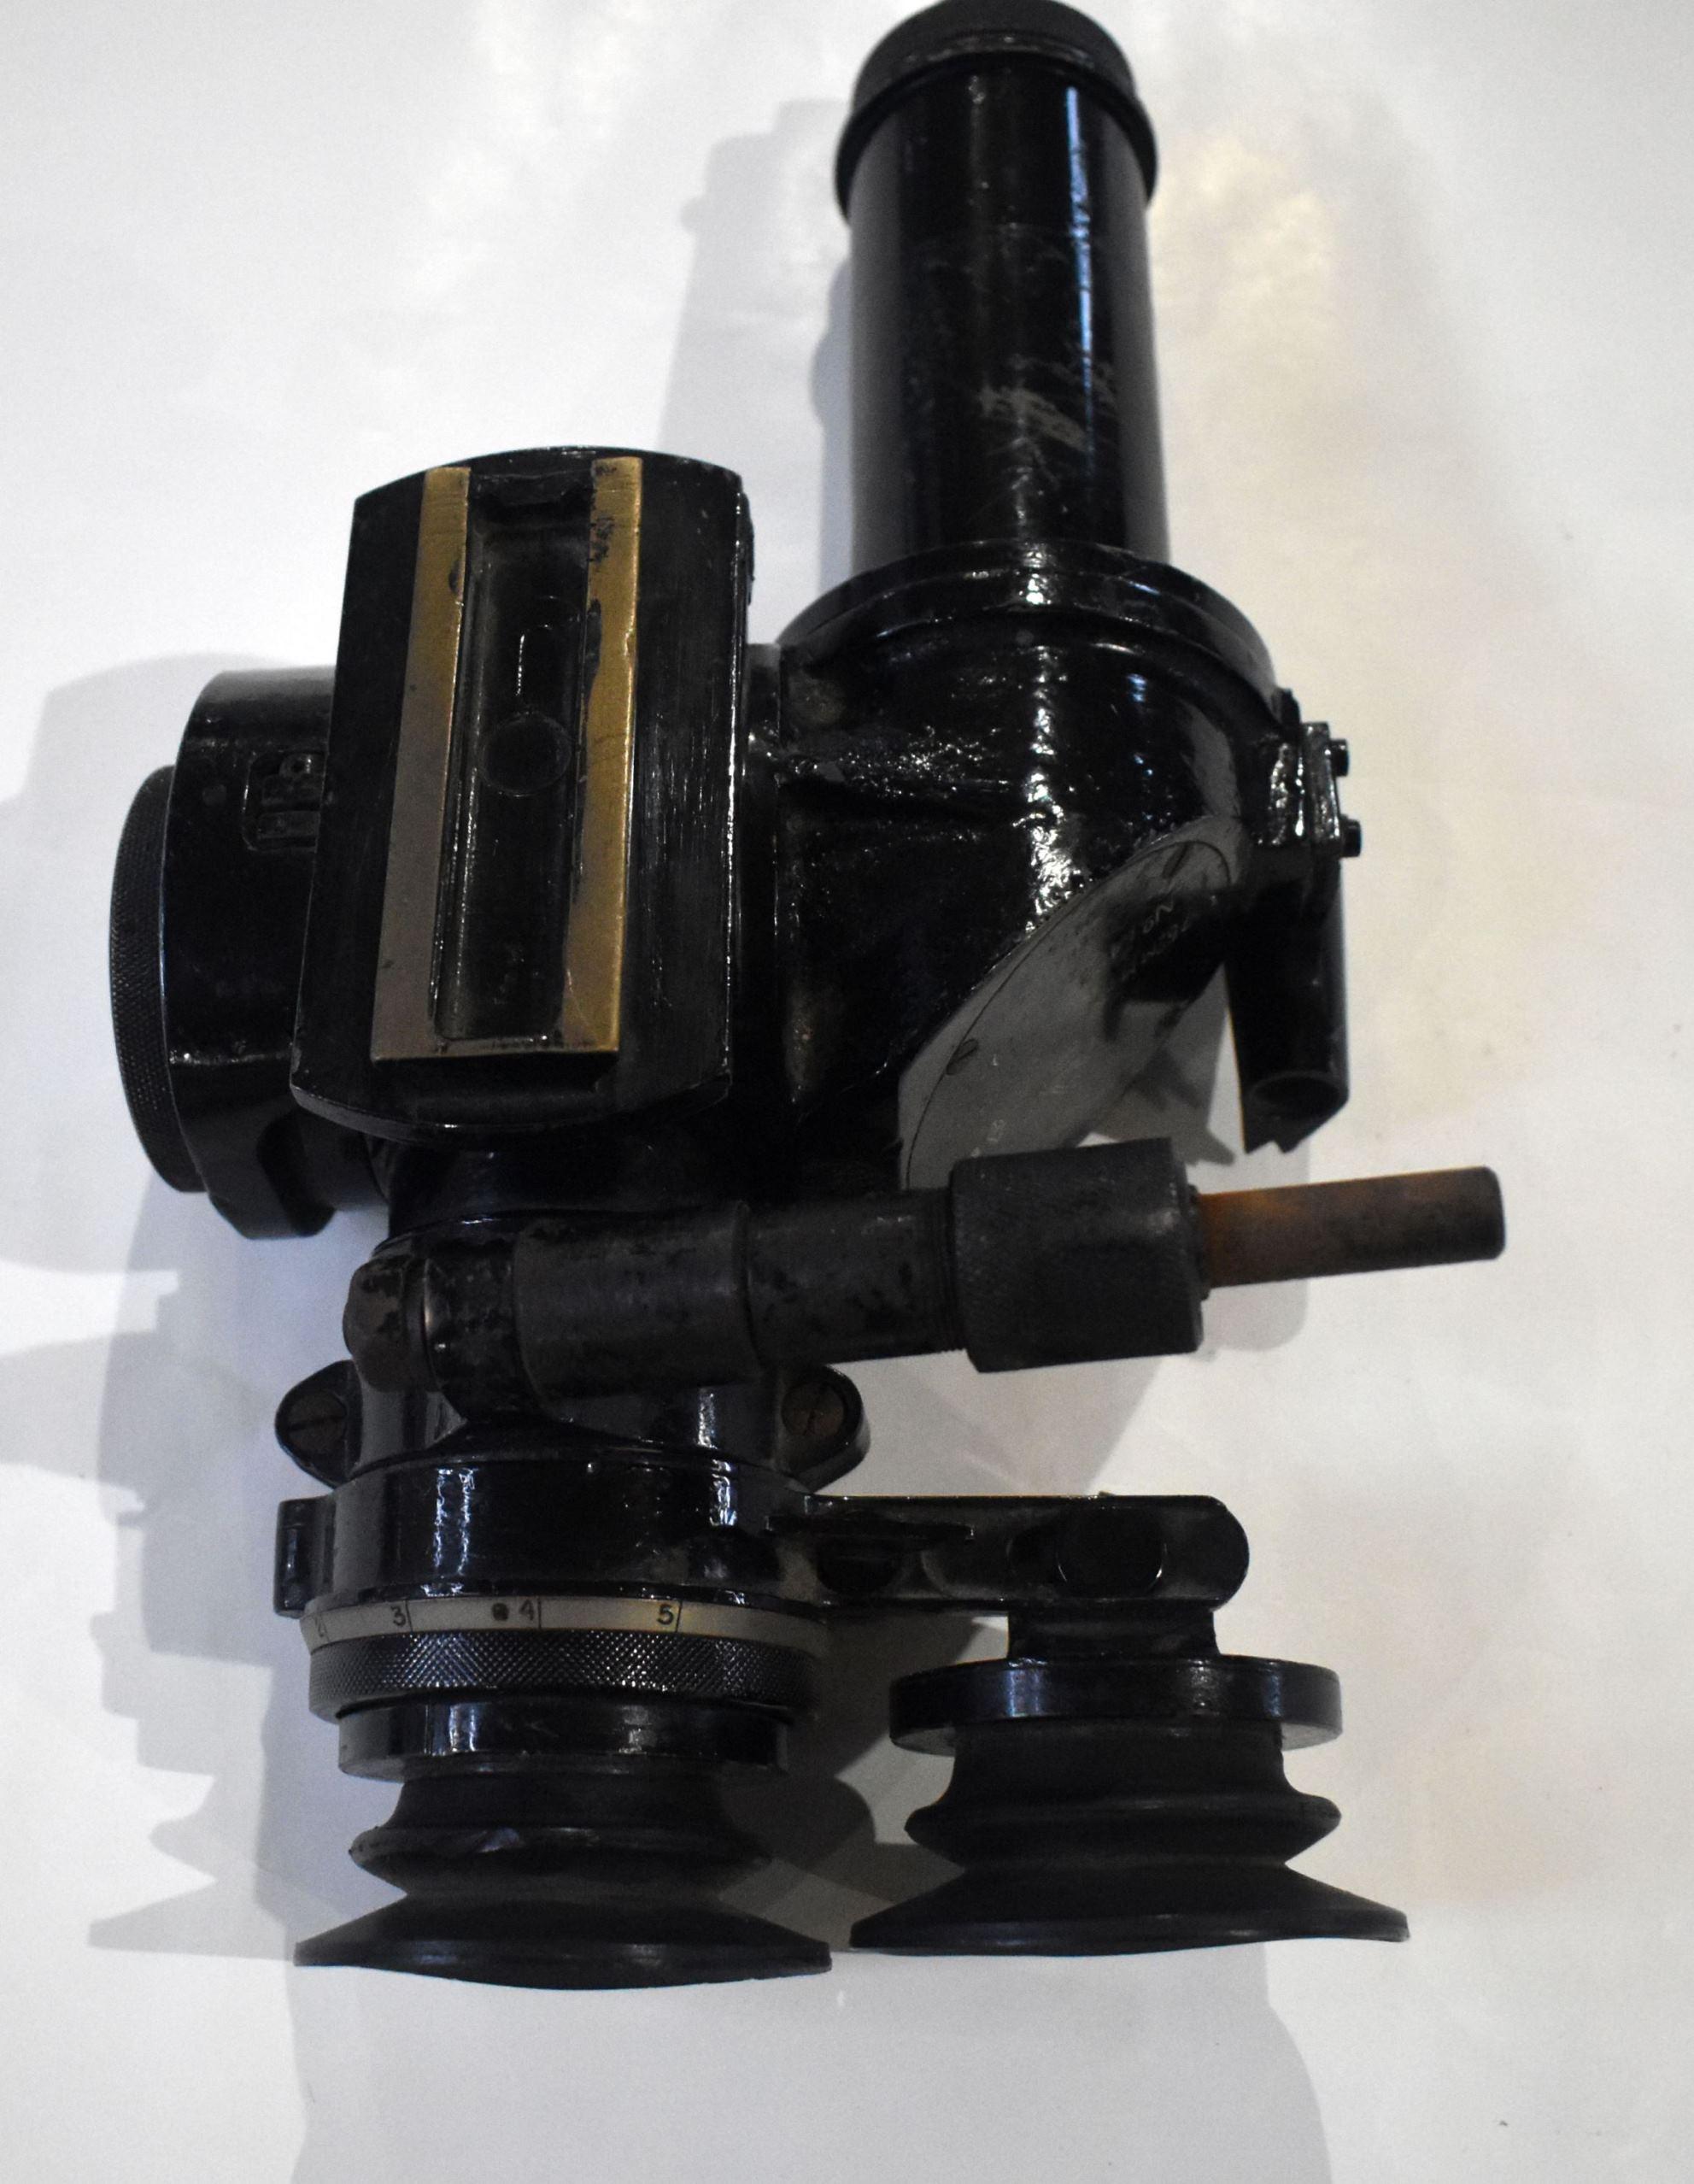 Речі. Приціл до зенітної гармати 76,2 мм, зразок 1931 року